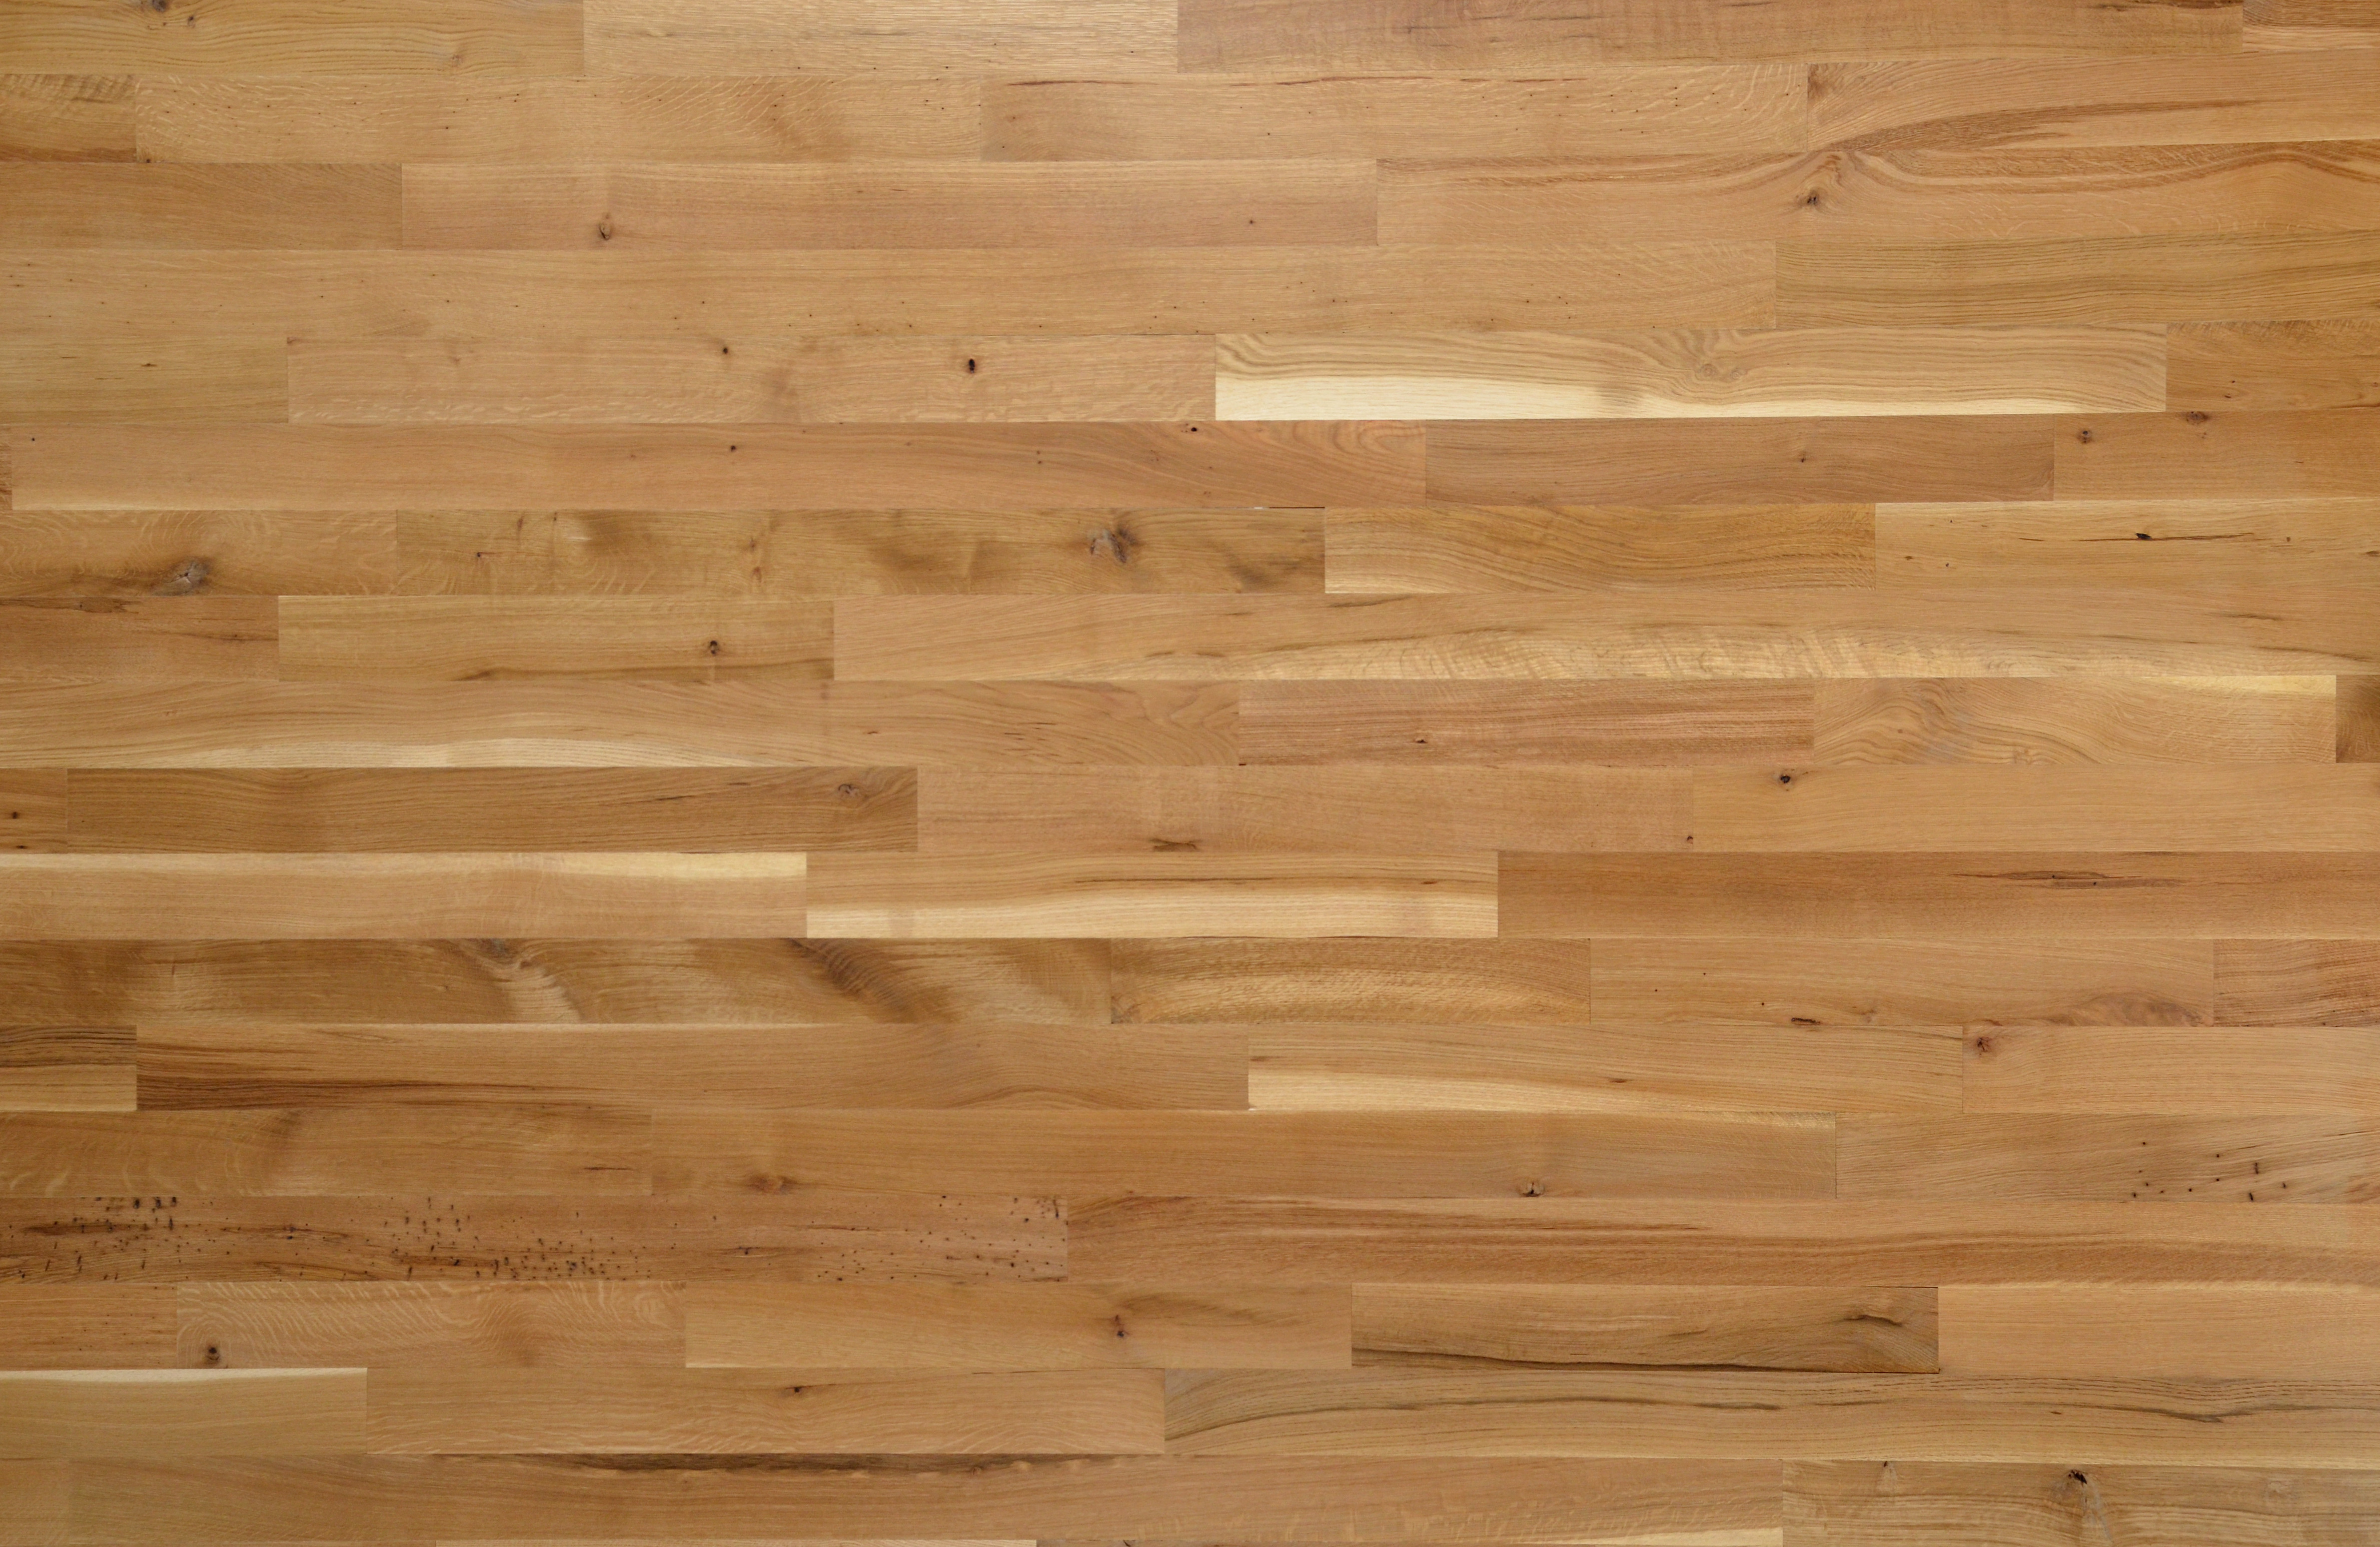 estimated cost of installing hardwood floors of lacrosse hardwood flooring walnut white oak red oak hickory regarding rift quartered natural white oak